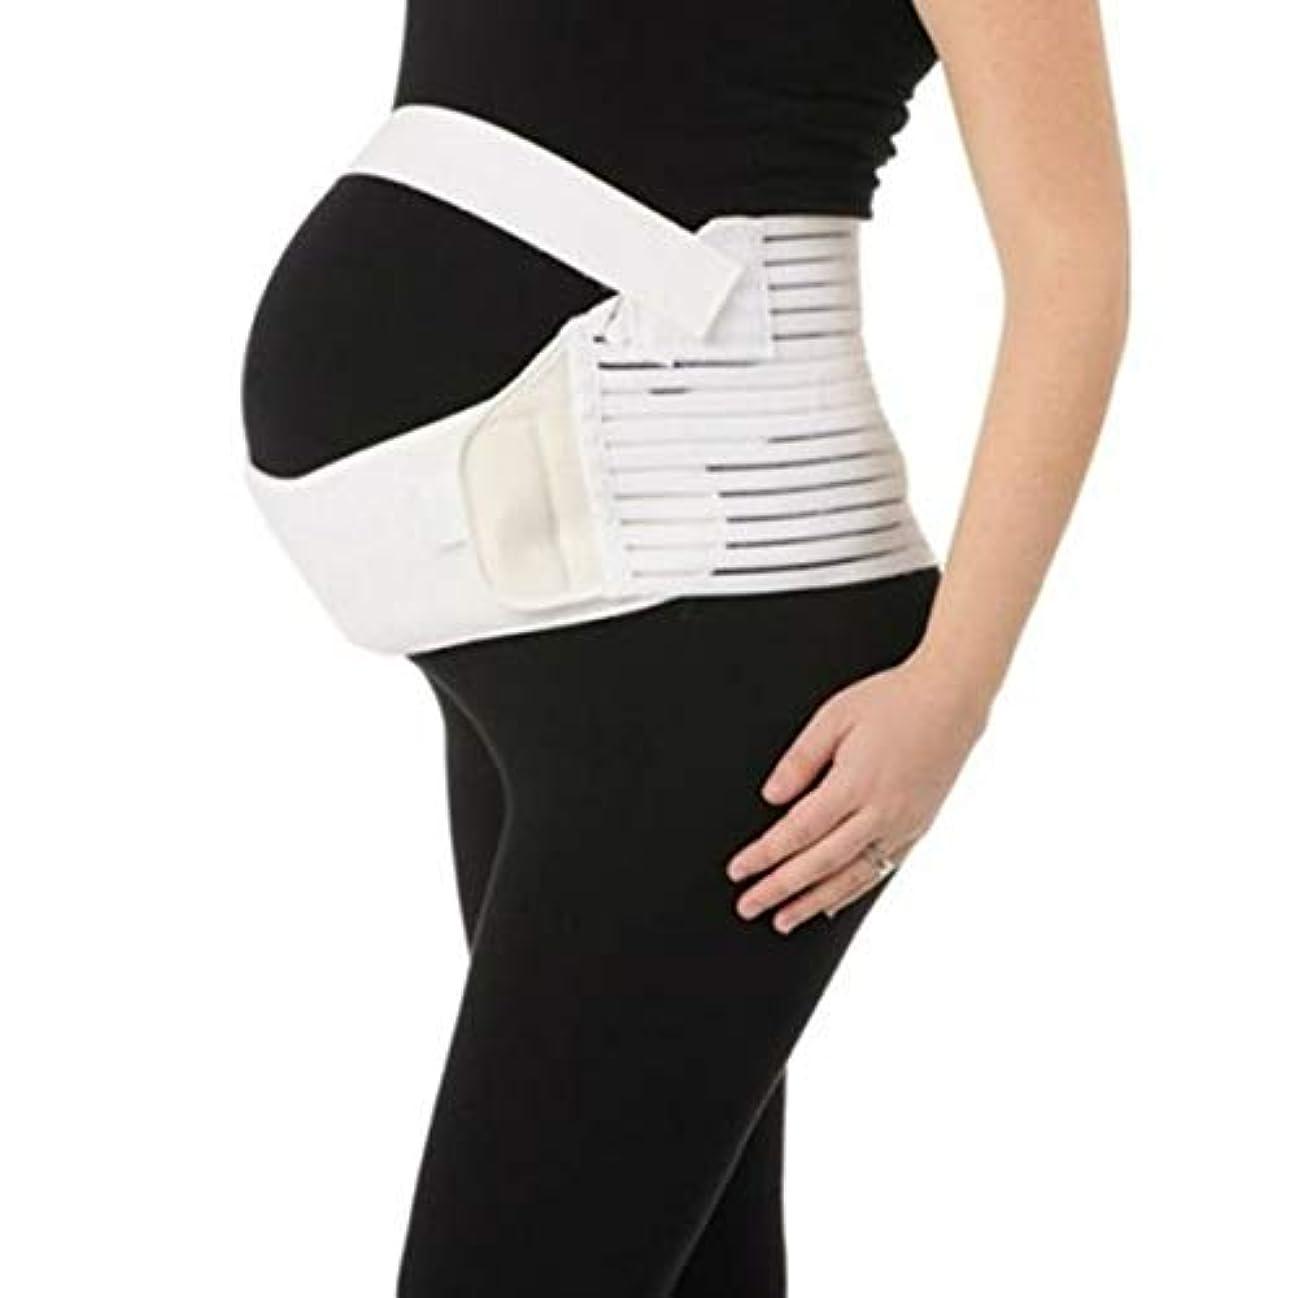 冷える障害者救急車通気性マタニティベルト妊娠腹部サポート腹部バインダーガードル運動包帯産後の回復shapewear - ホワイトL